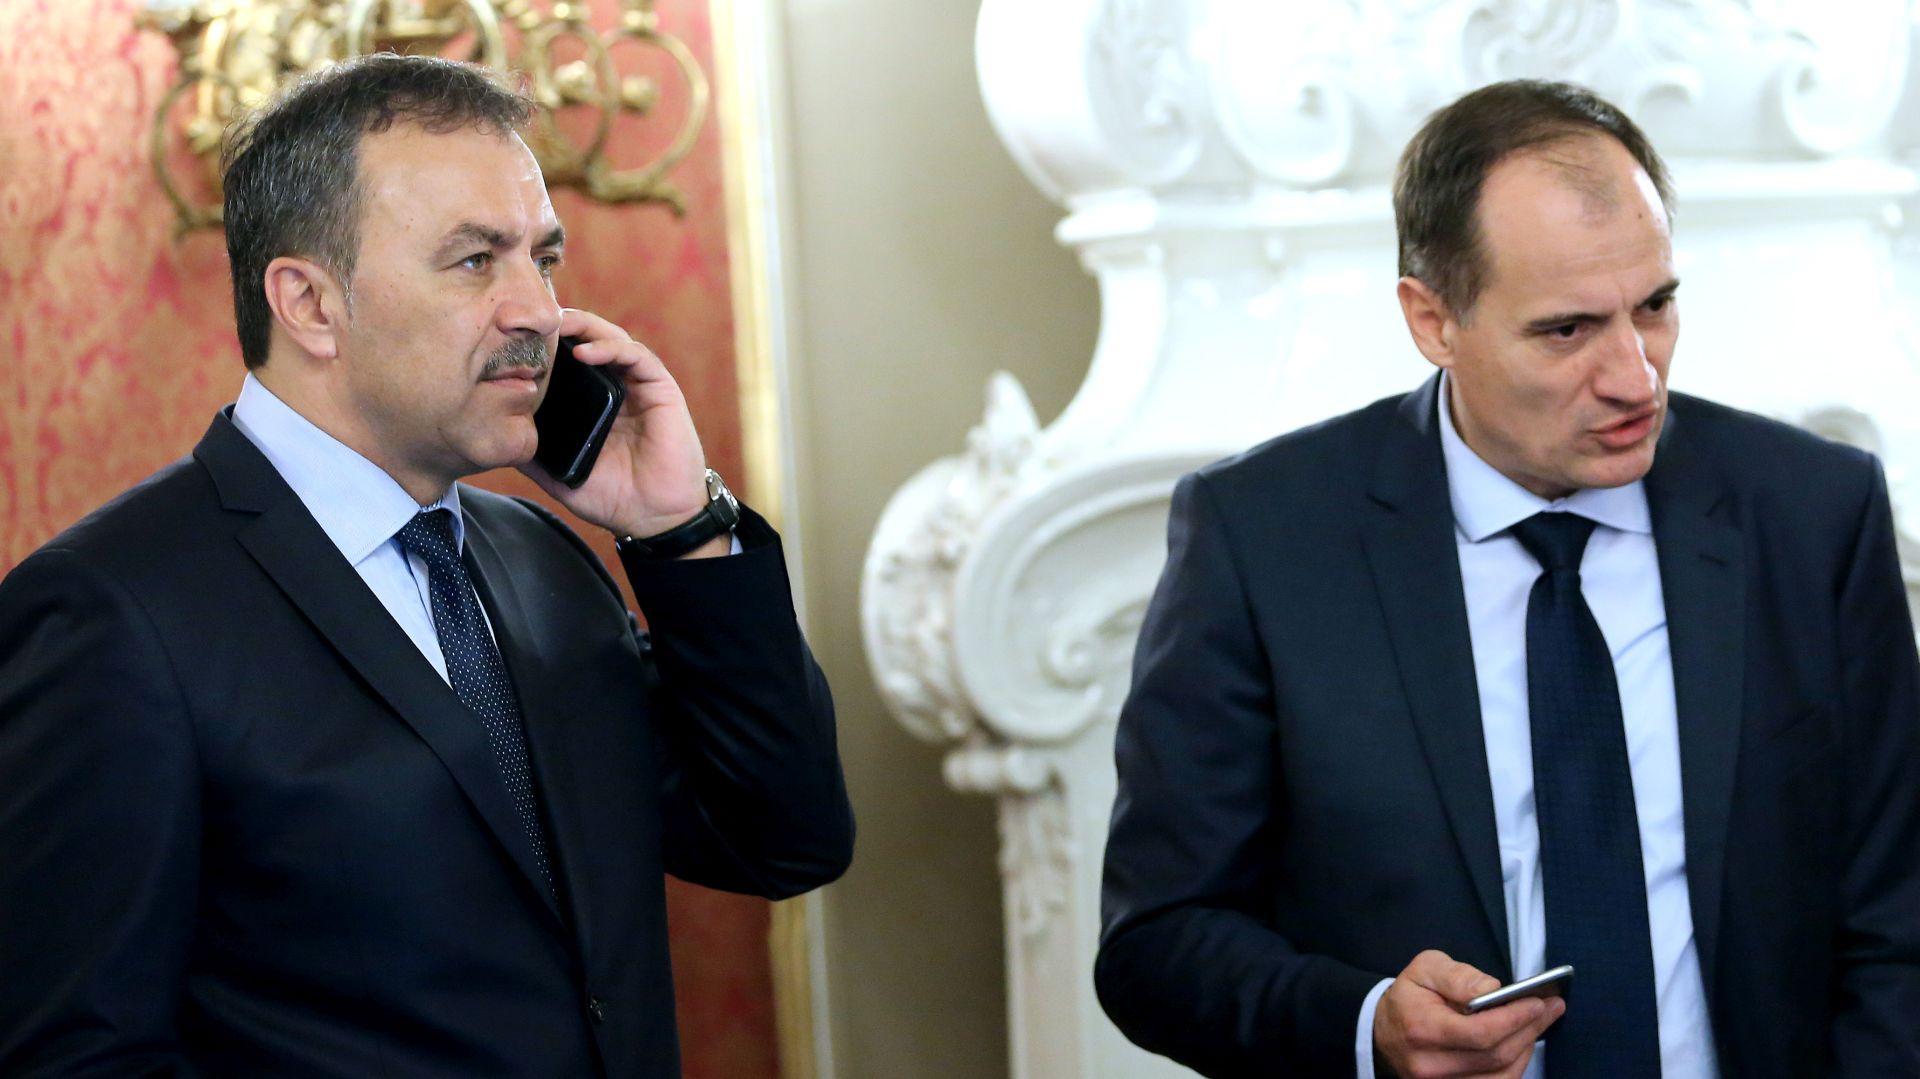 Sabor odobrio povratak Glavaša i trojice Mostovih ministara u zastupničke klupe